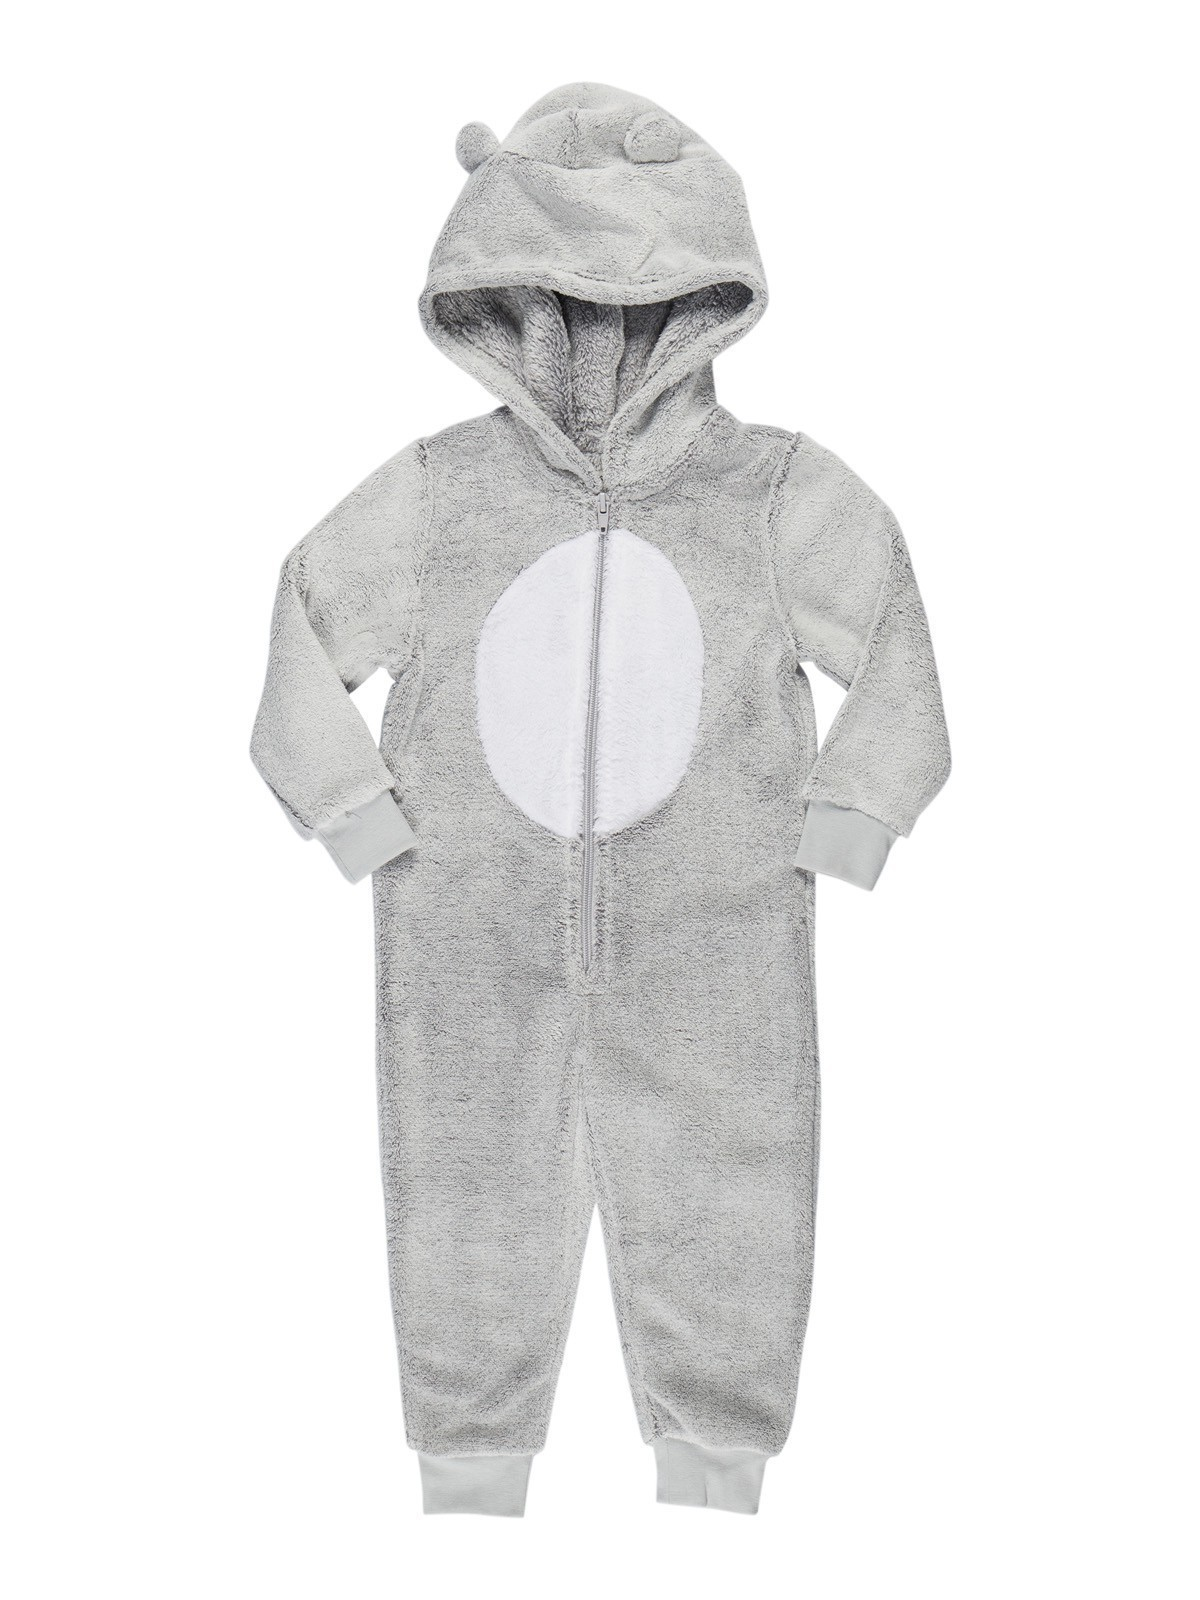 Combinaison pyjama garçon (3-6A) - DistriCenter 1f8a0b7b040